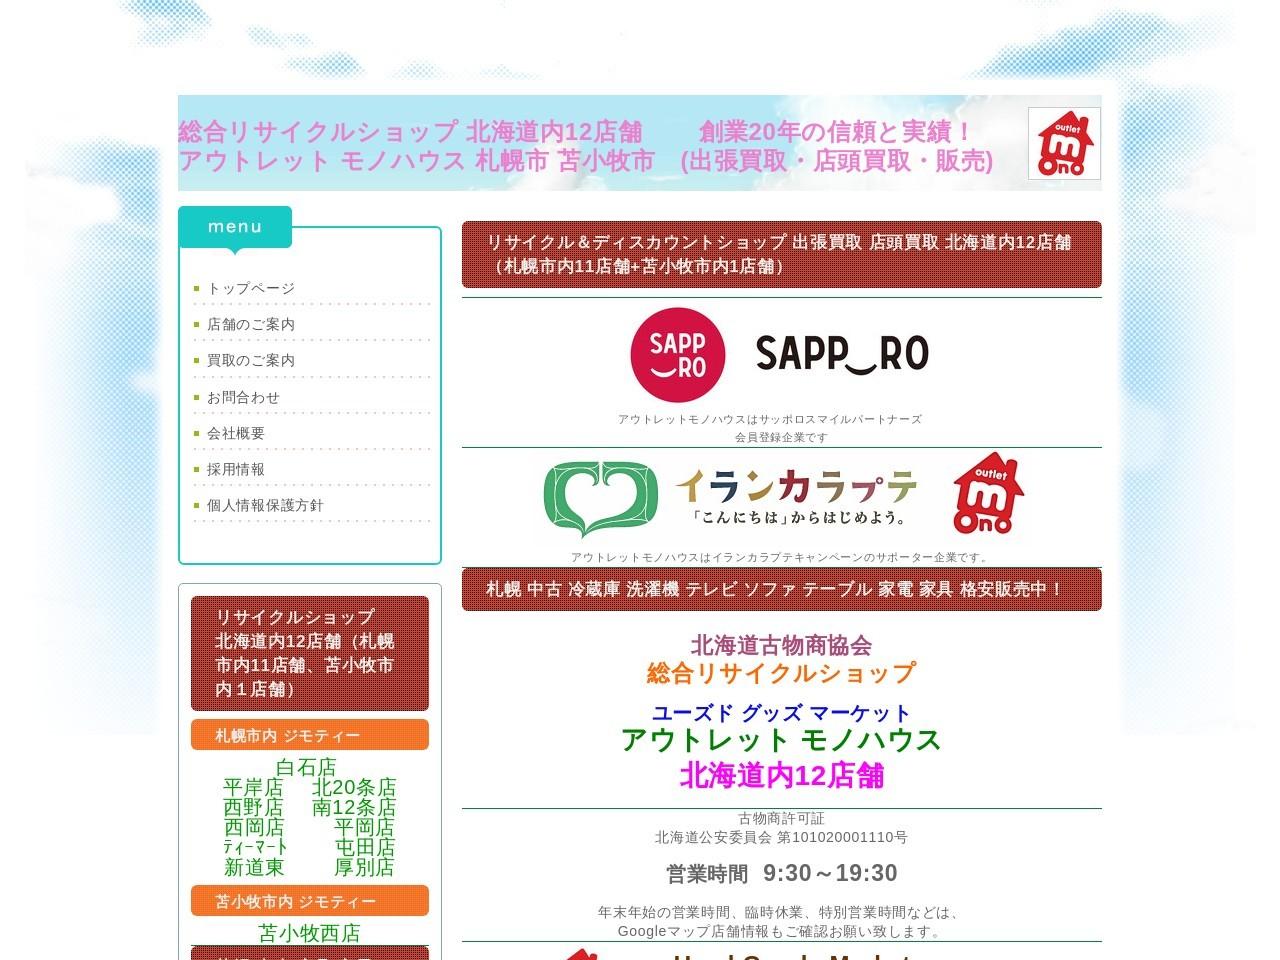 札幌市内10店舗 - リサイクルショップ 『アウトレット モノハウス』 公式サイト 札幌 リサイクルショップ 中古 出張買取 家電 家具